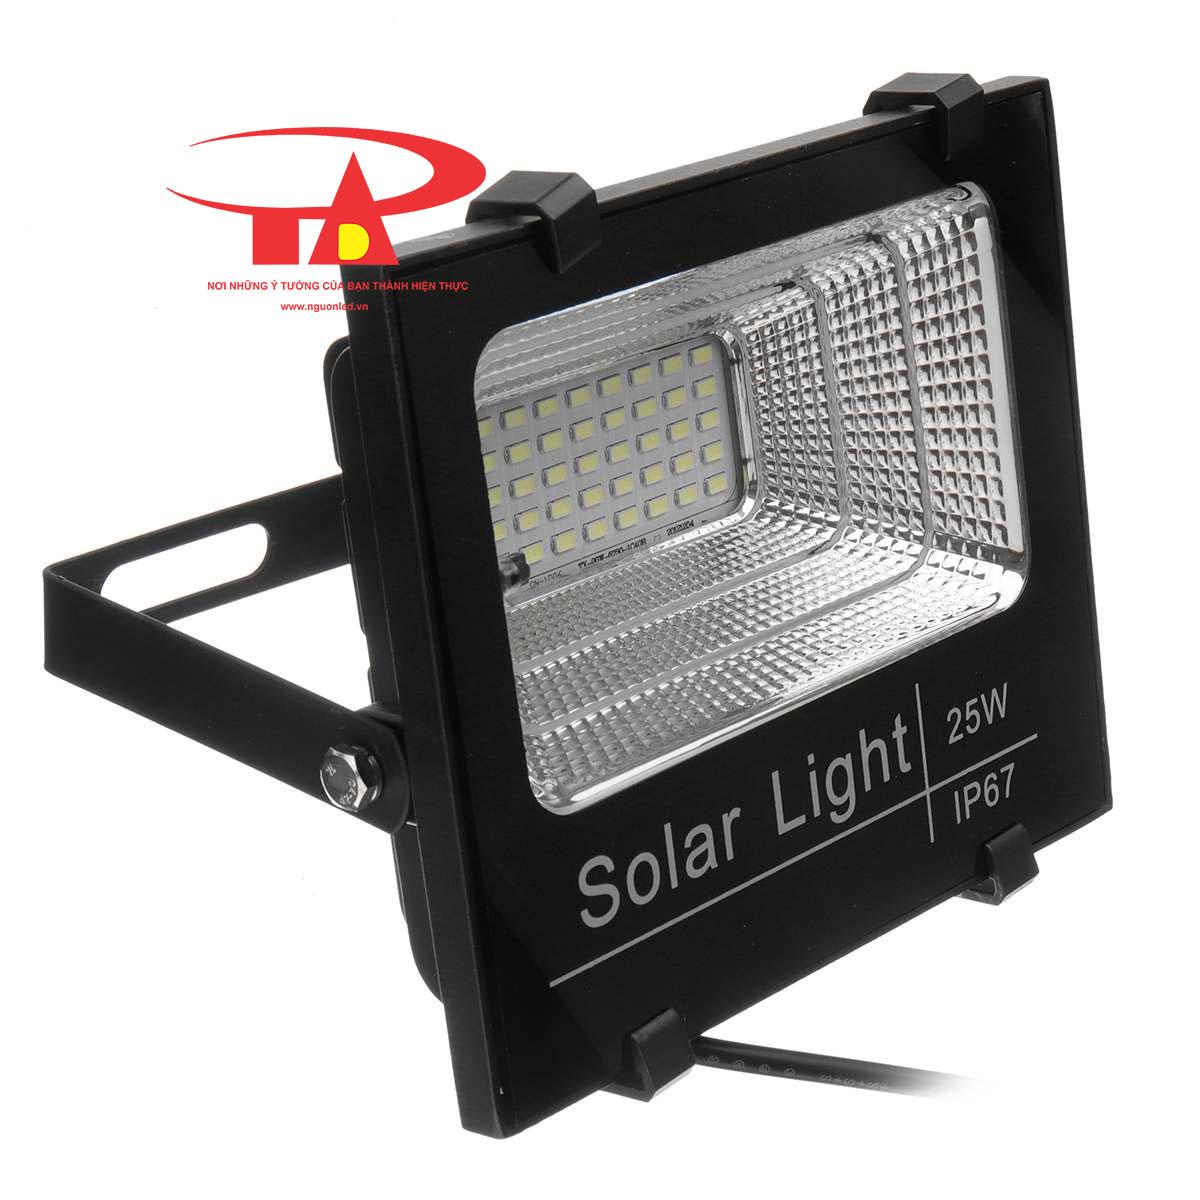 đèn led pha NLMT 25w giá rẻ, loại tốt